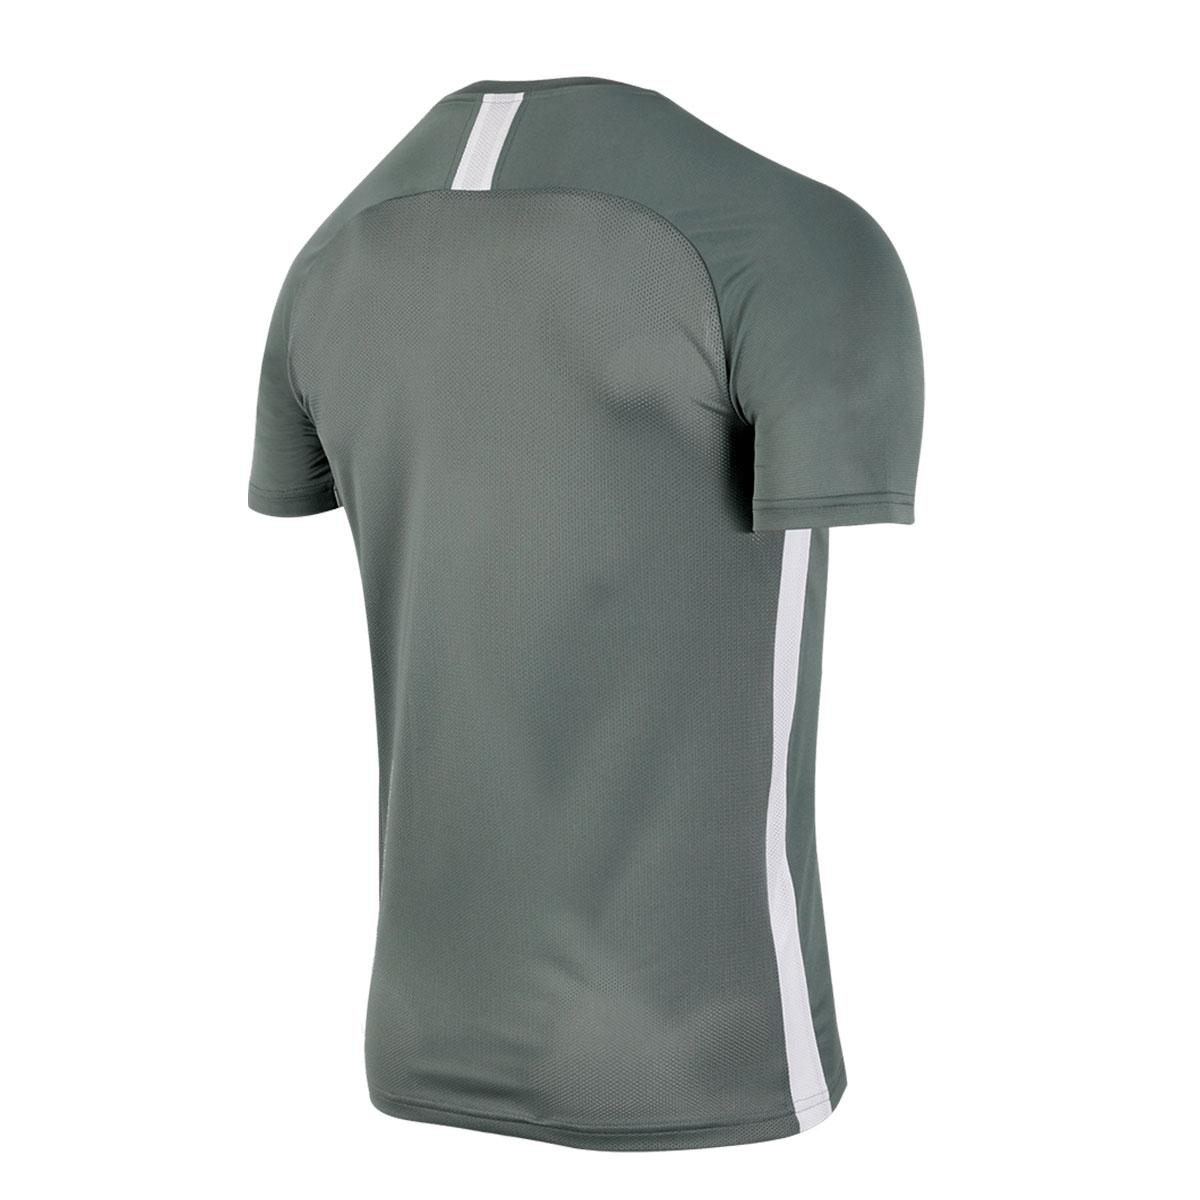 Camiseta Corinthians Nike Dry Treino Cinza